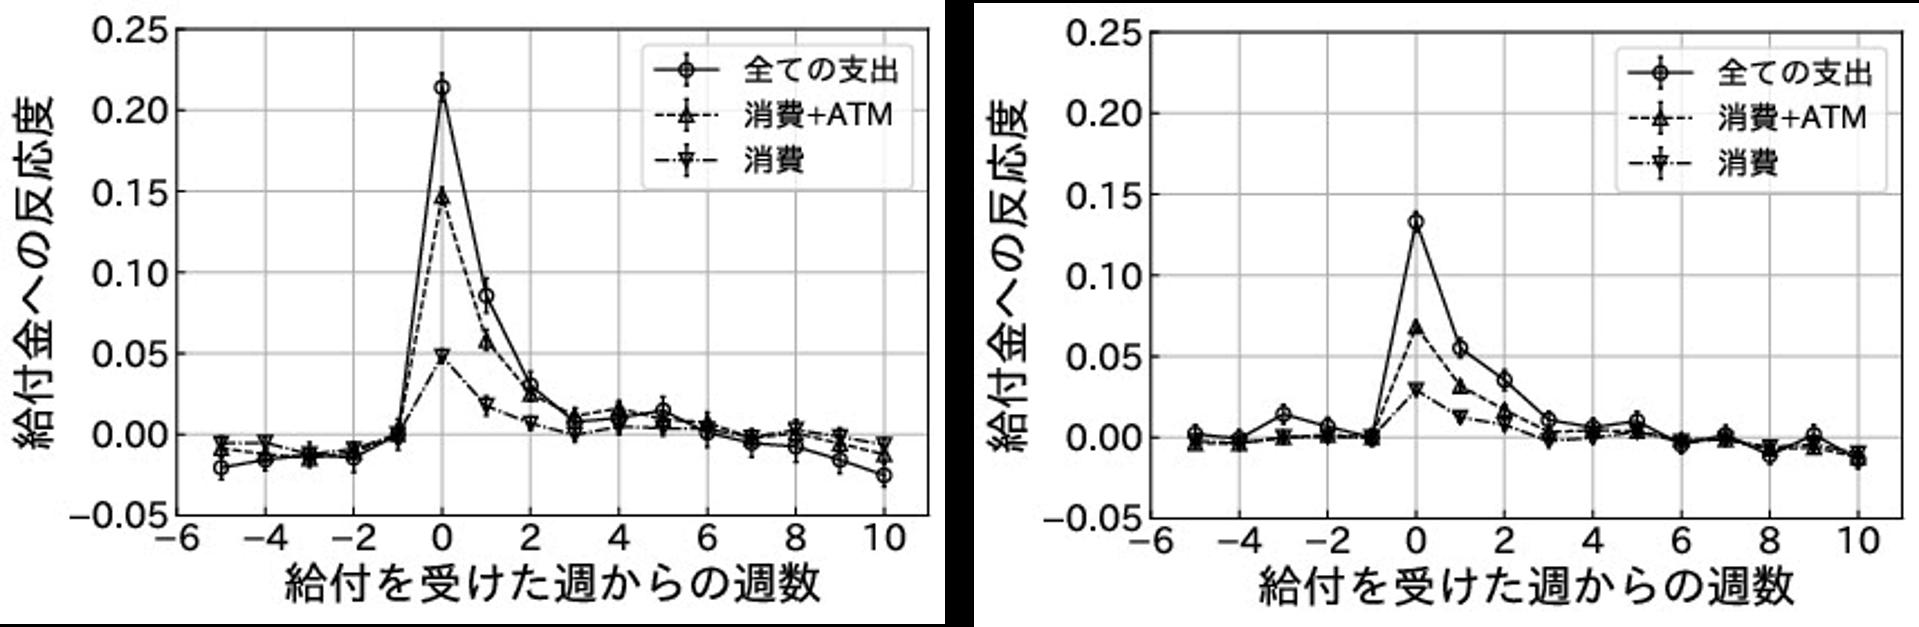 流動資産を十分に保有していないグループ(左)と保有しているグループ(右)の反応